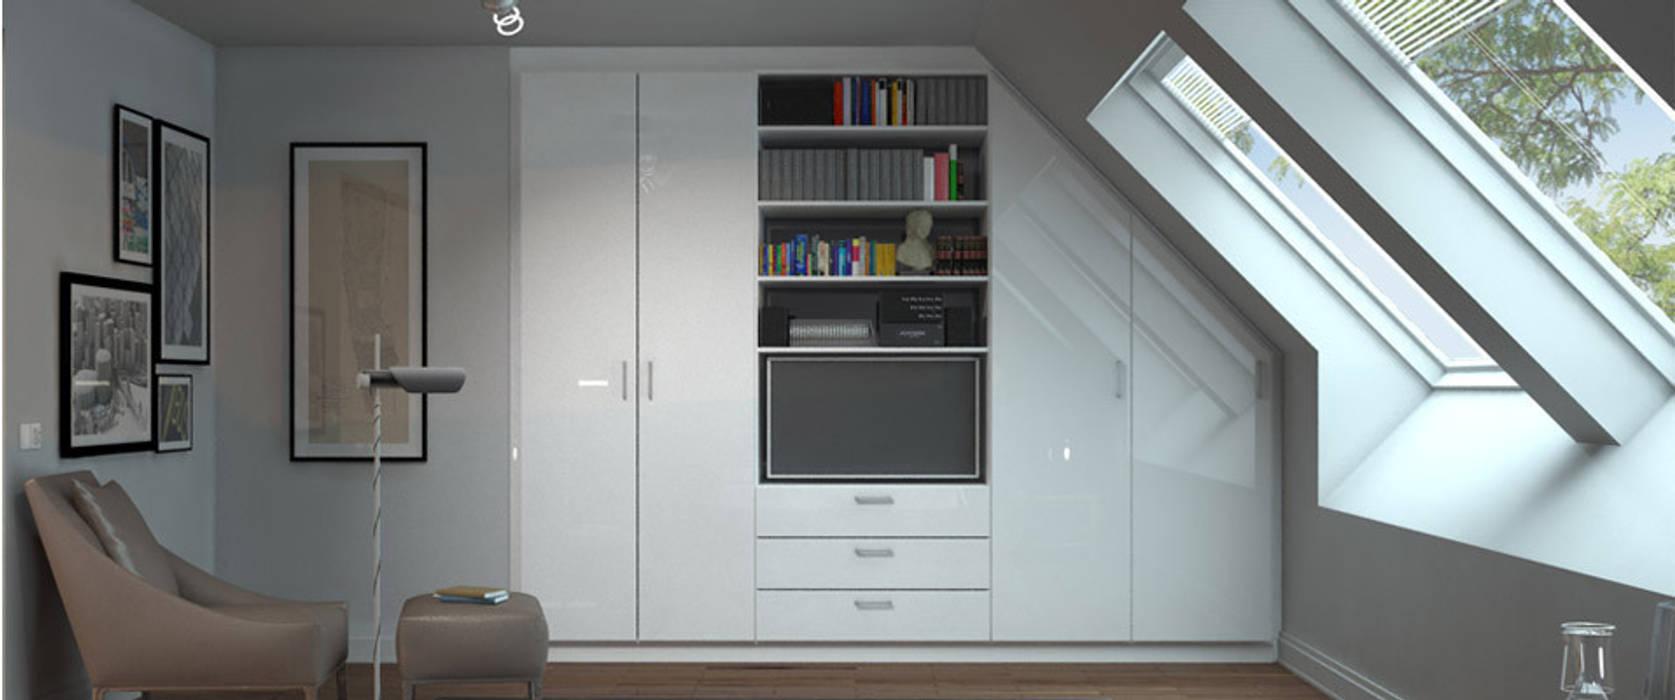 klassische wohnzimmer bilder schrank mit seitlicher schr ge homify. Black Bedroom Furniture Sets. Home Design Ideas